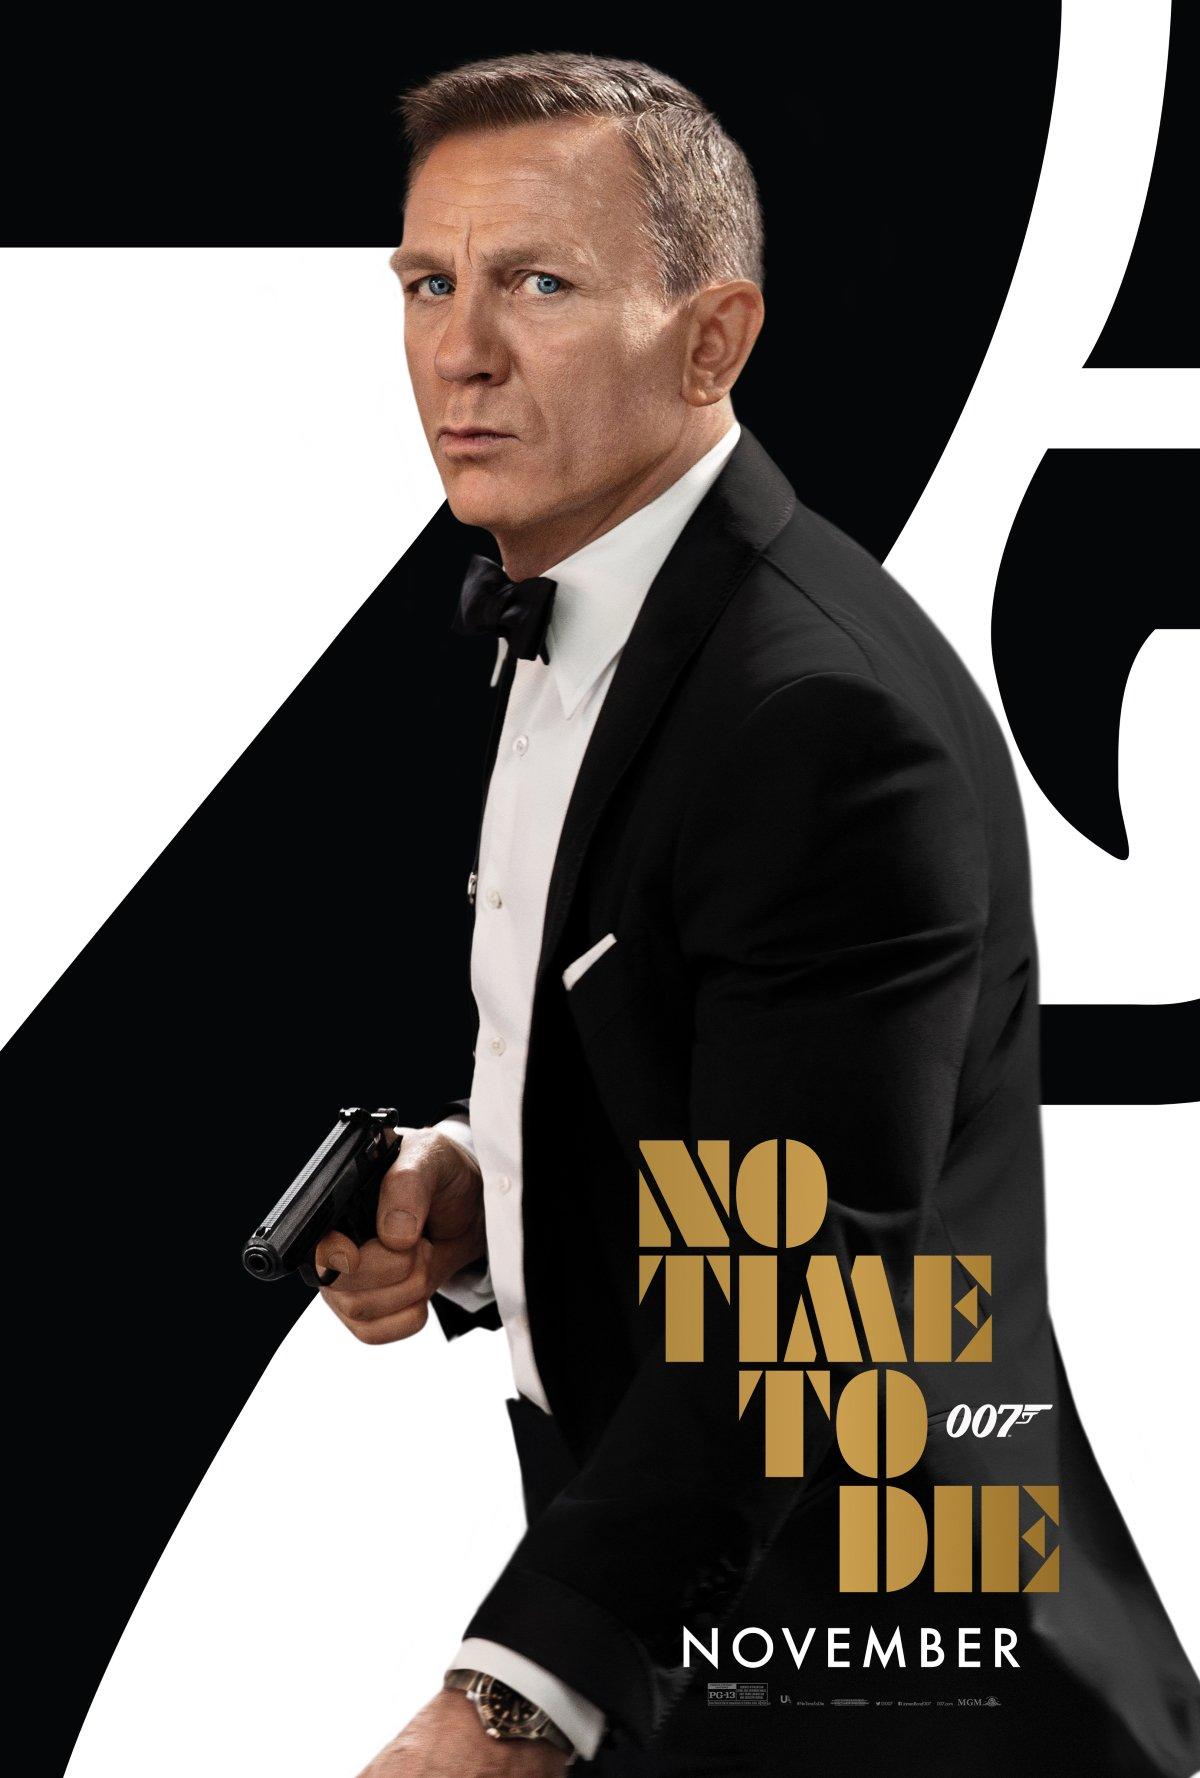 No Time To Die Daniel Craig in his tuxedo, gun drawn